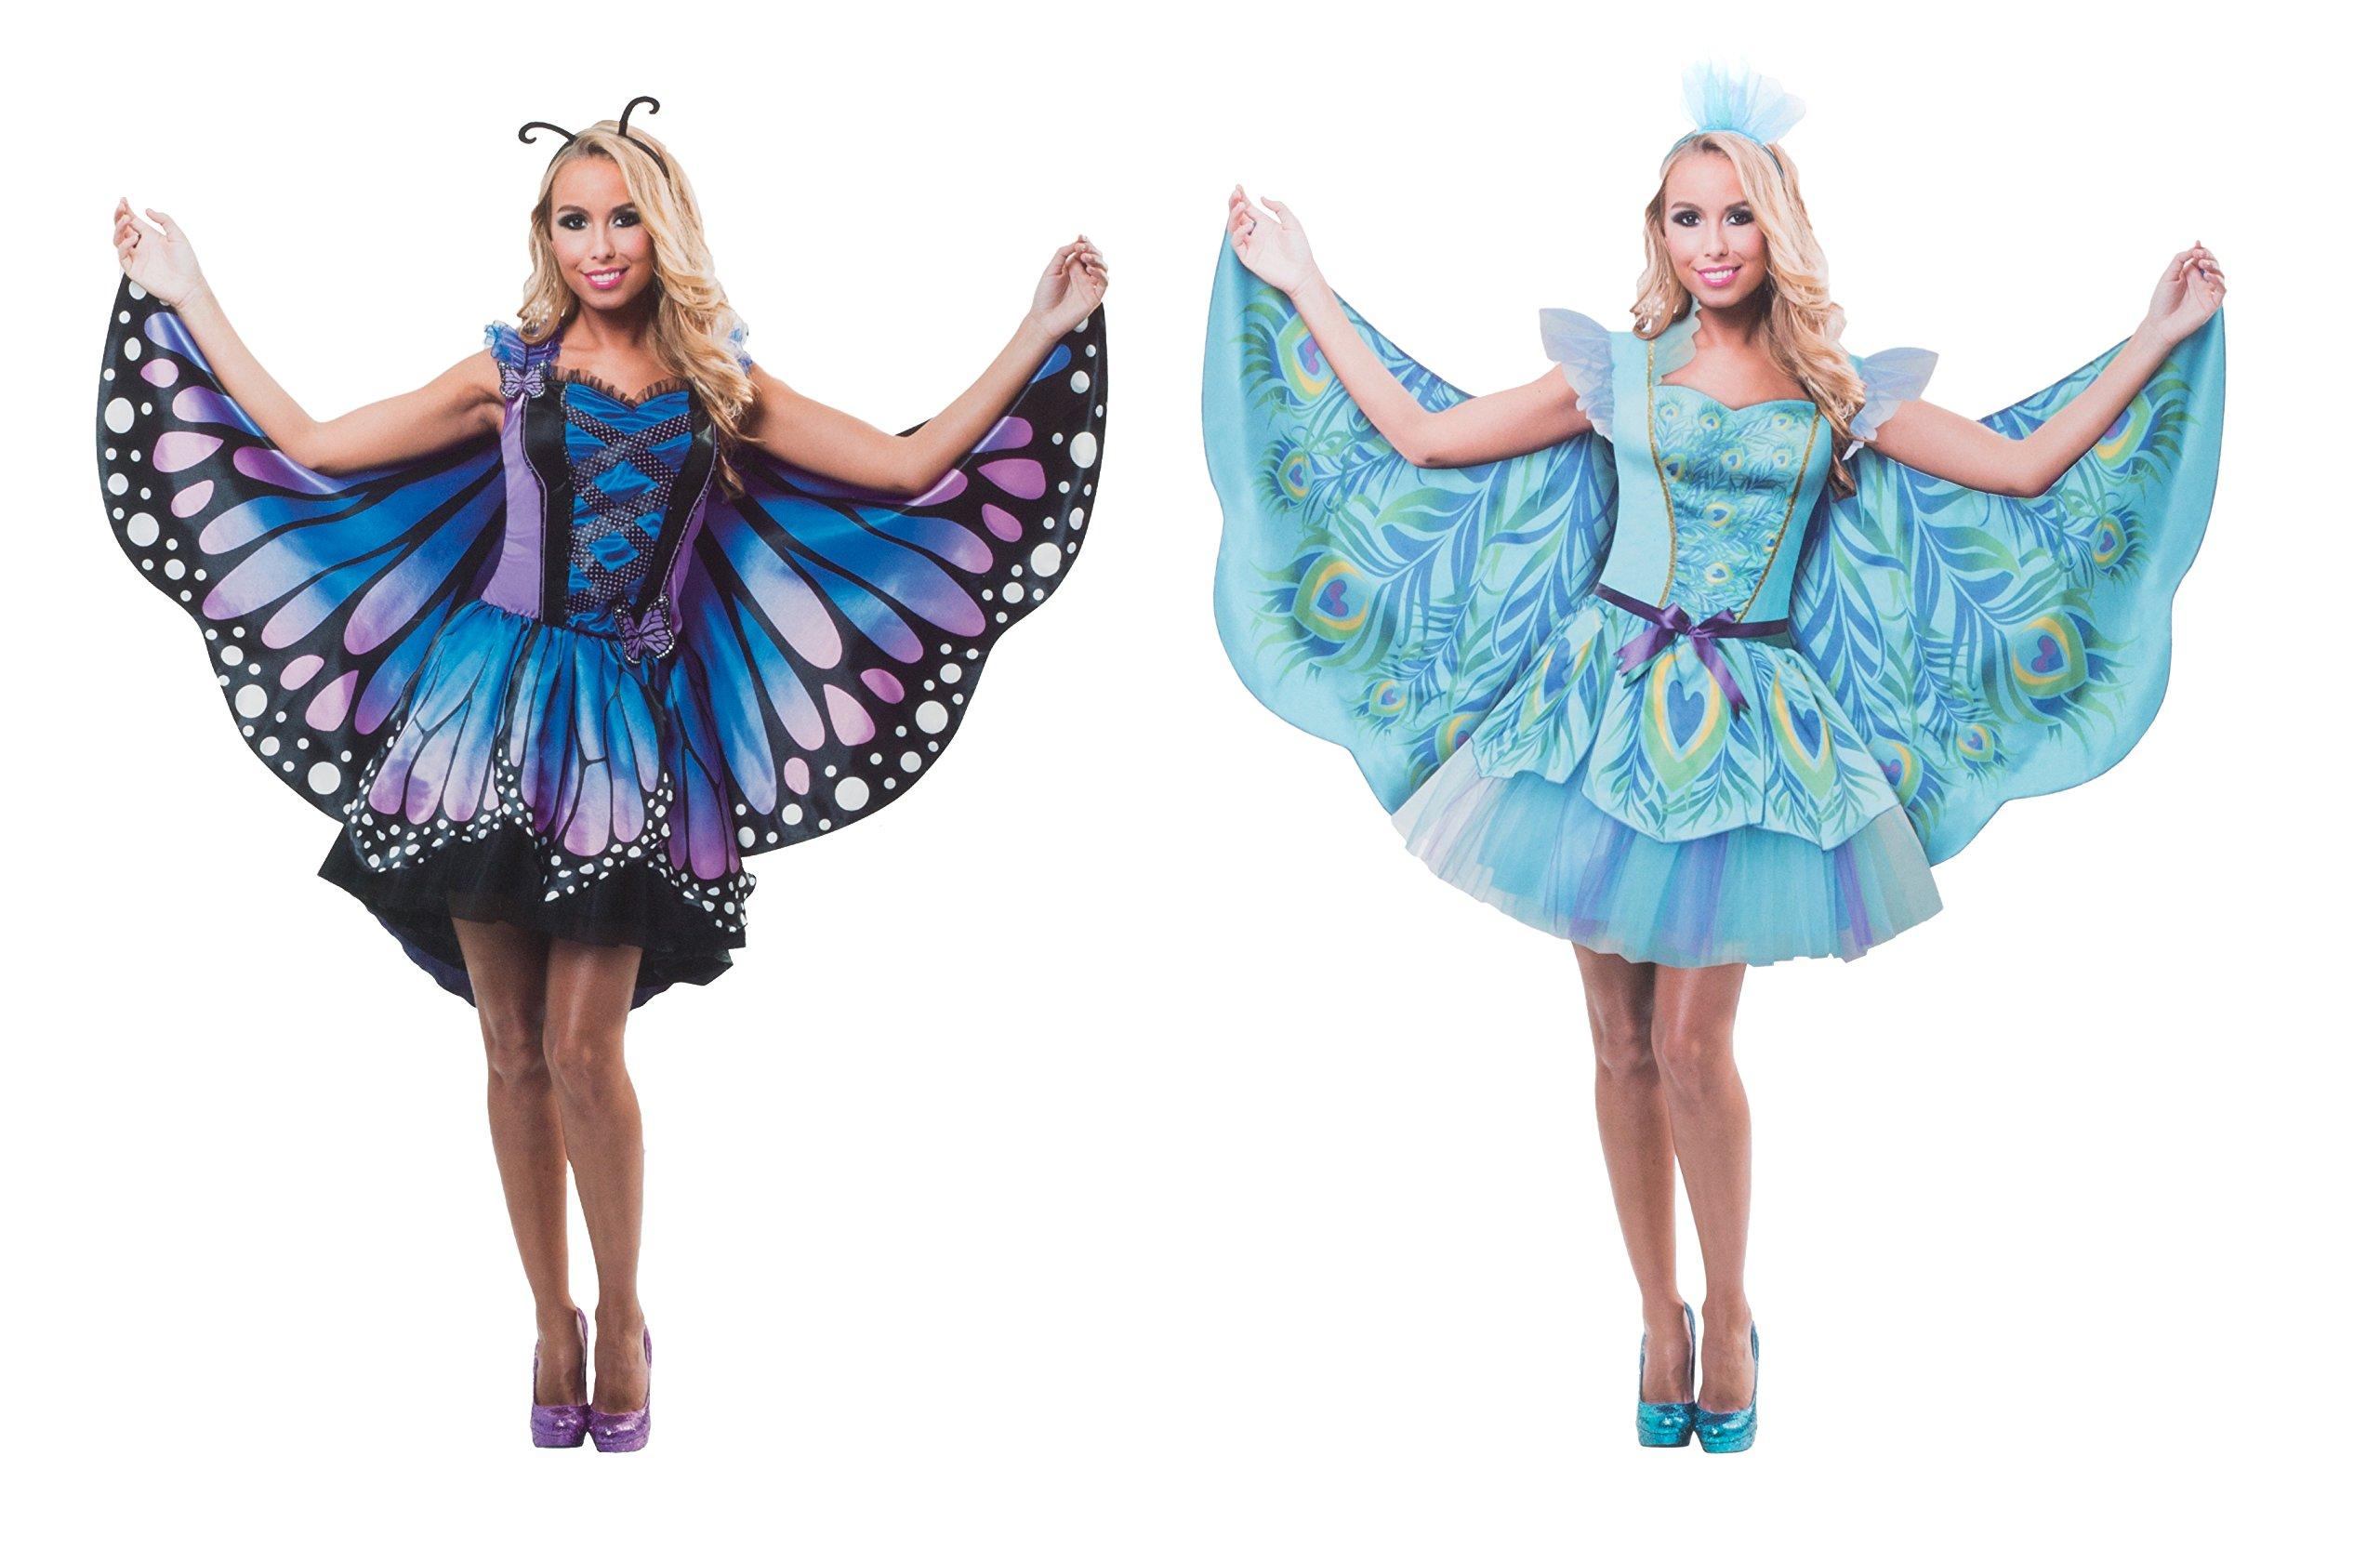 9780495968325c Brandsseller Damen Kostüm Verkleidung für Karneval Fasching Halloween  Parties